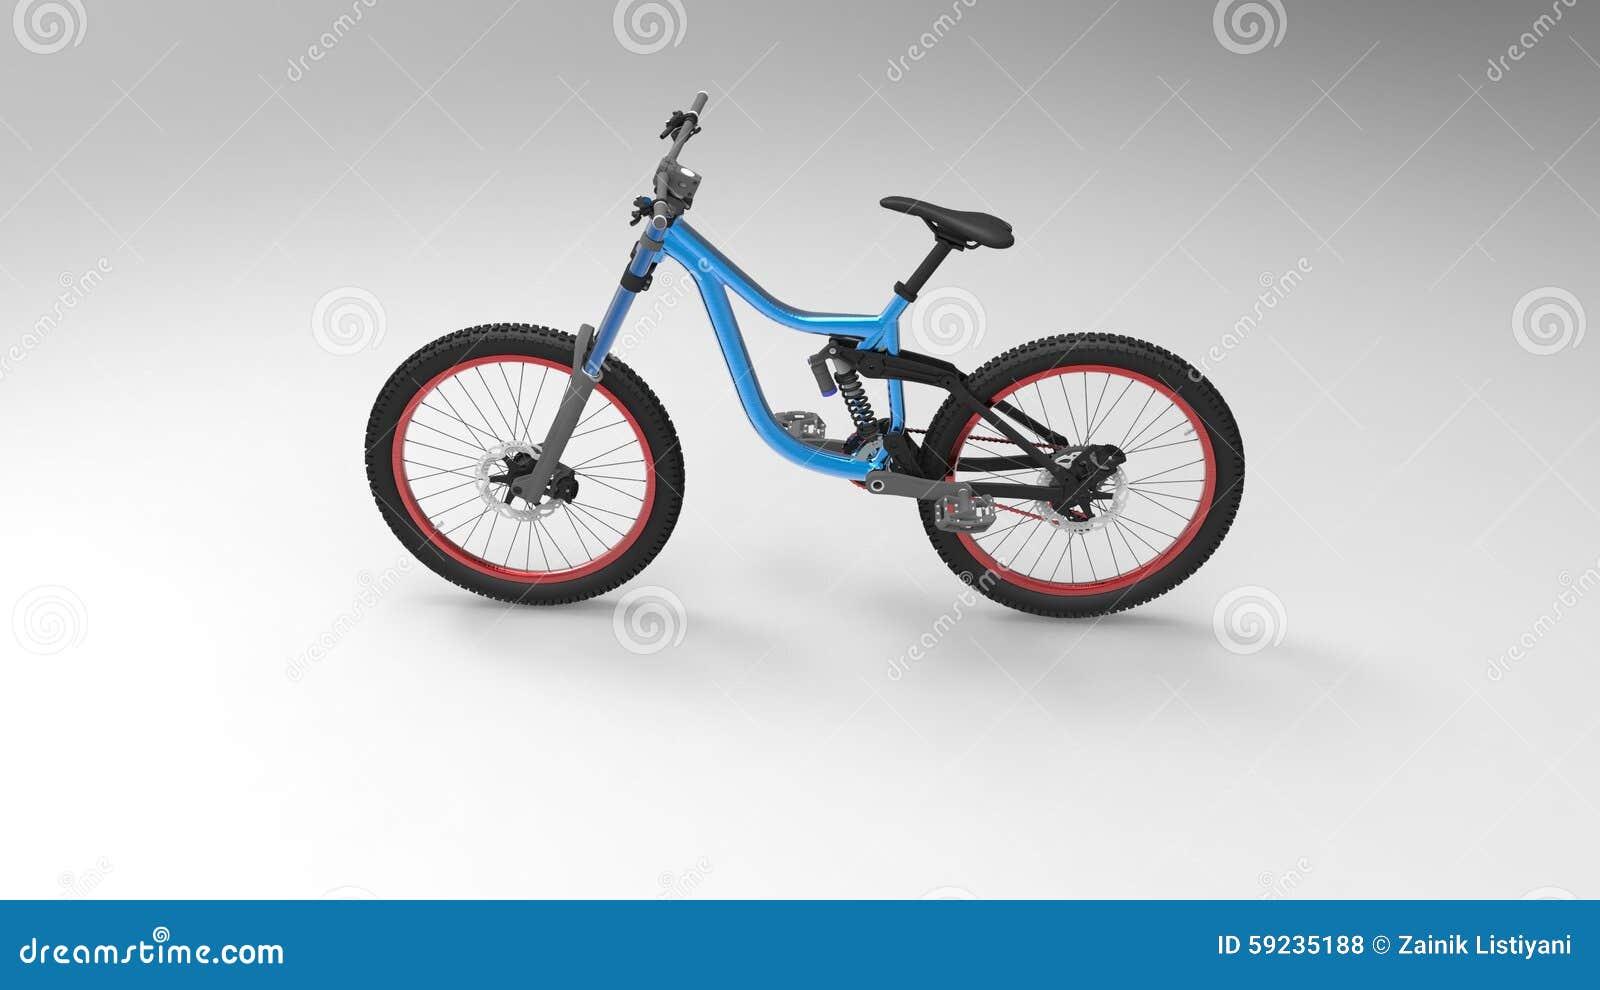 Download Bicicleta stock de ilustración. Ilustración de bicicleta - 59235188